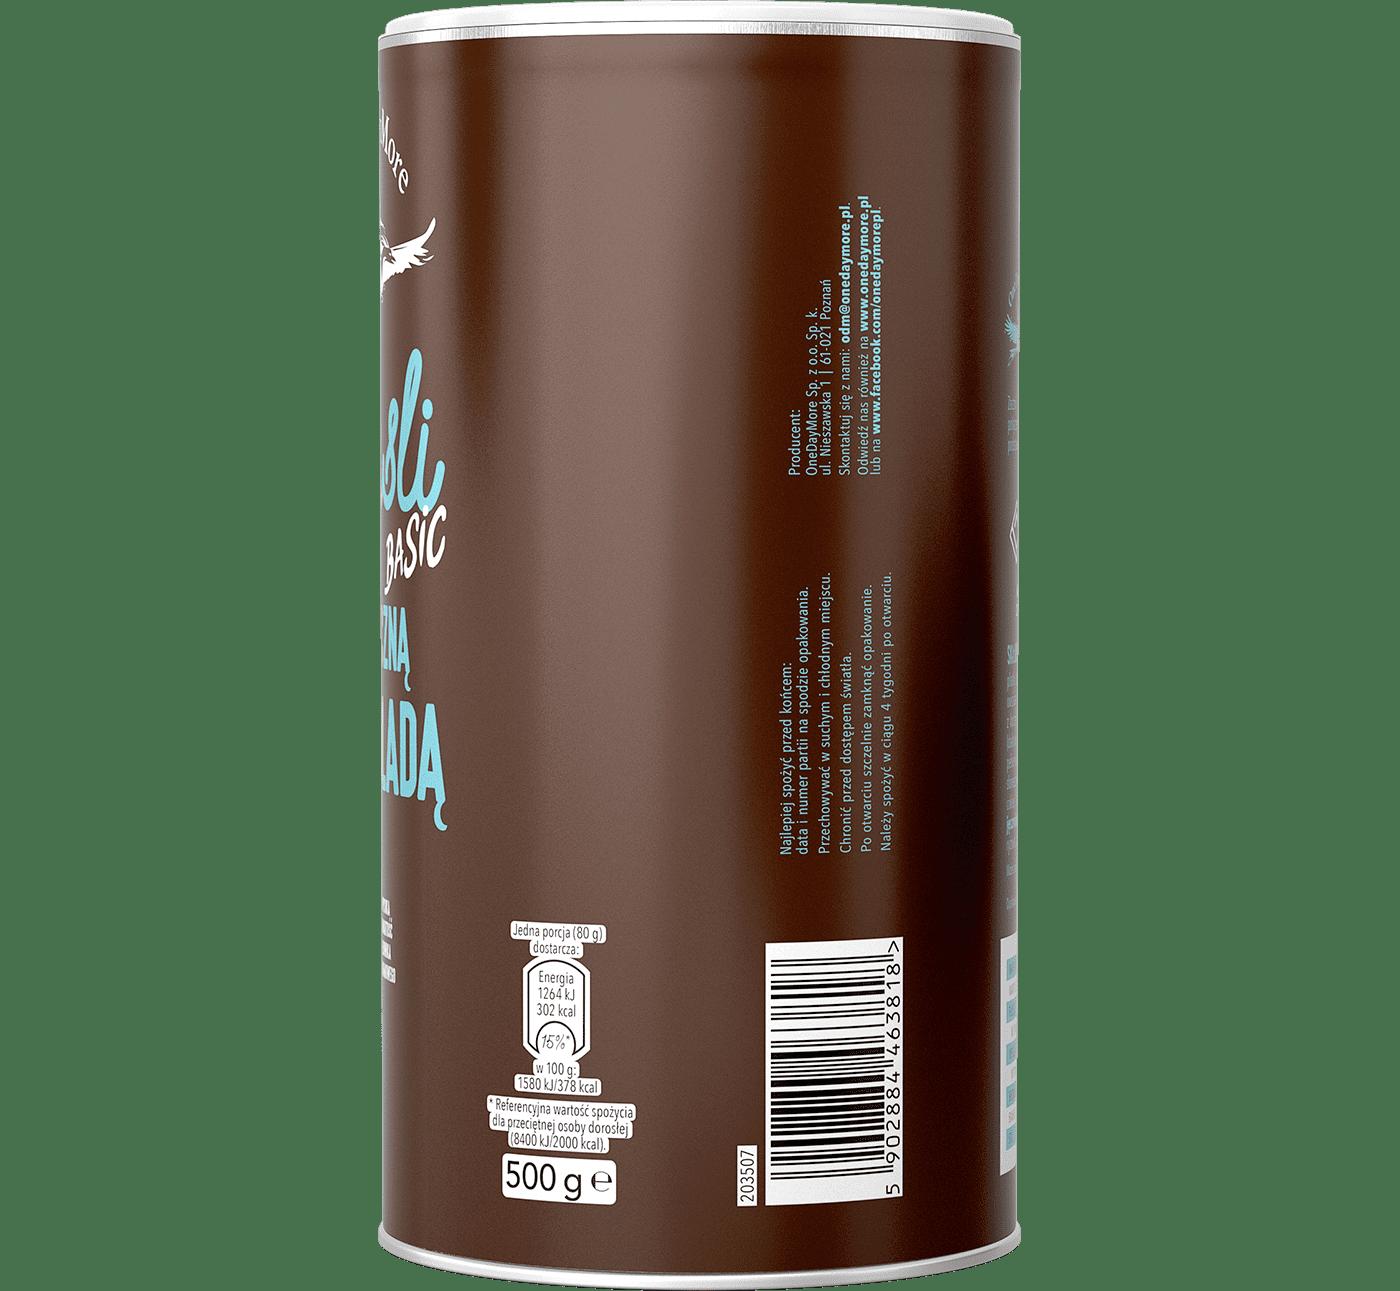 musli-basic-mlecz-czeko-onedaymore-bok-1400×1291